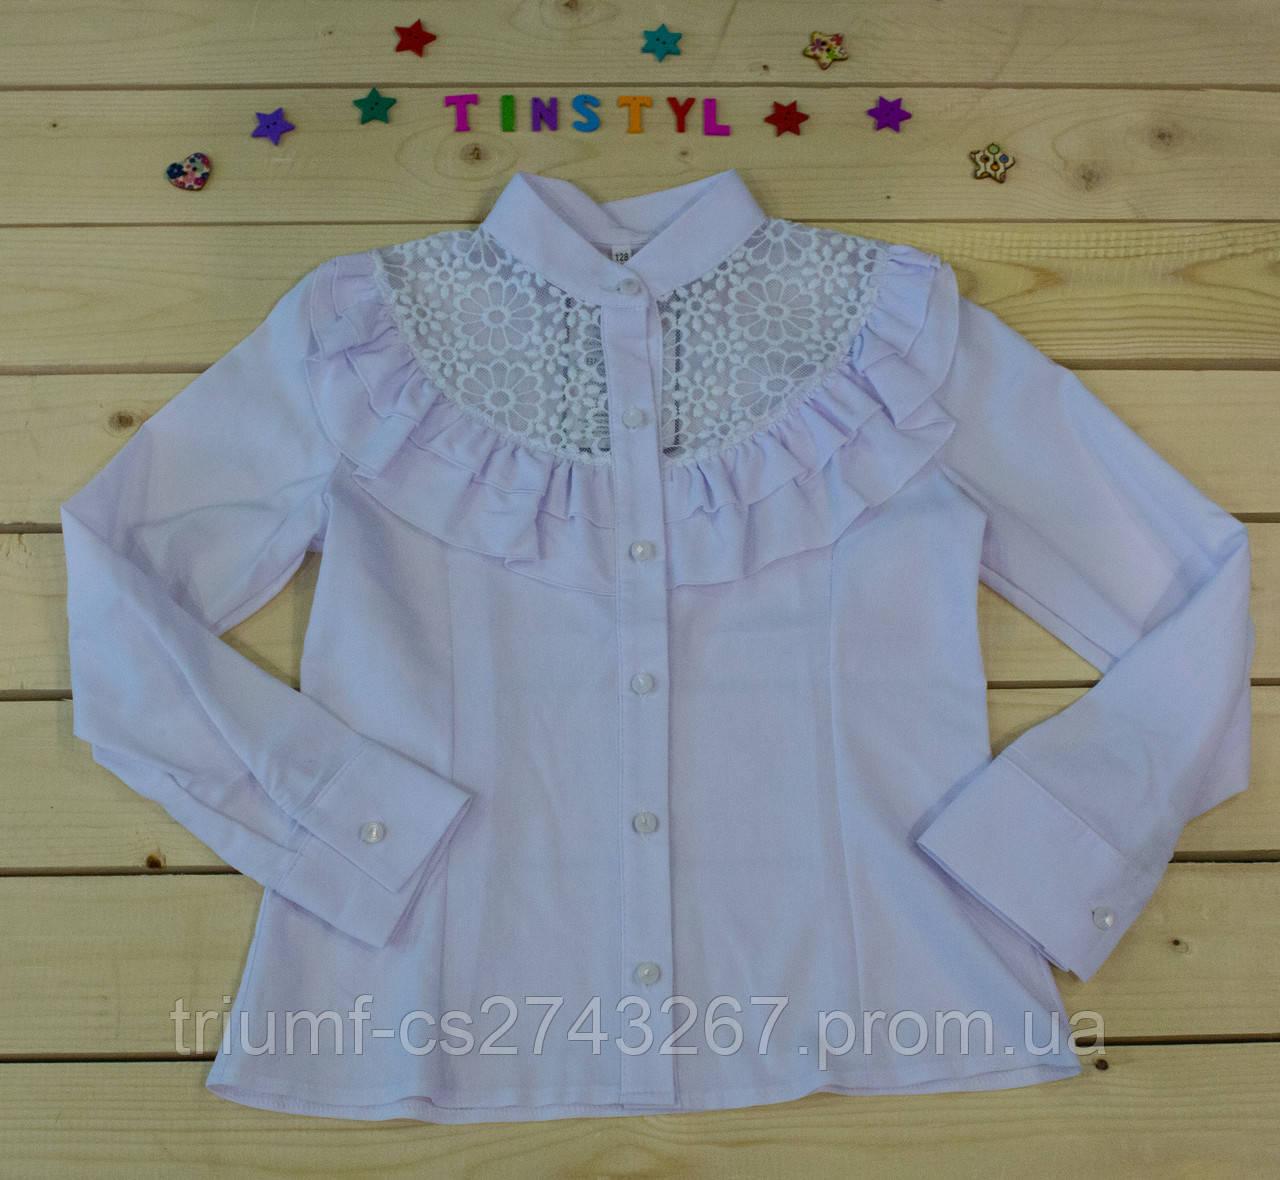 b194f604378 Нарядная блузка Ромашки для девочки на рост 128-152  продажа